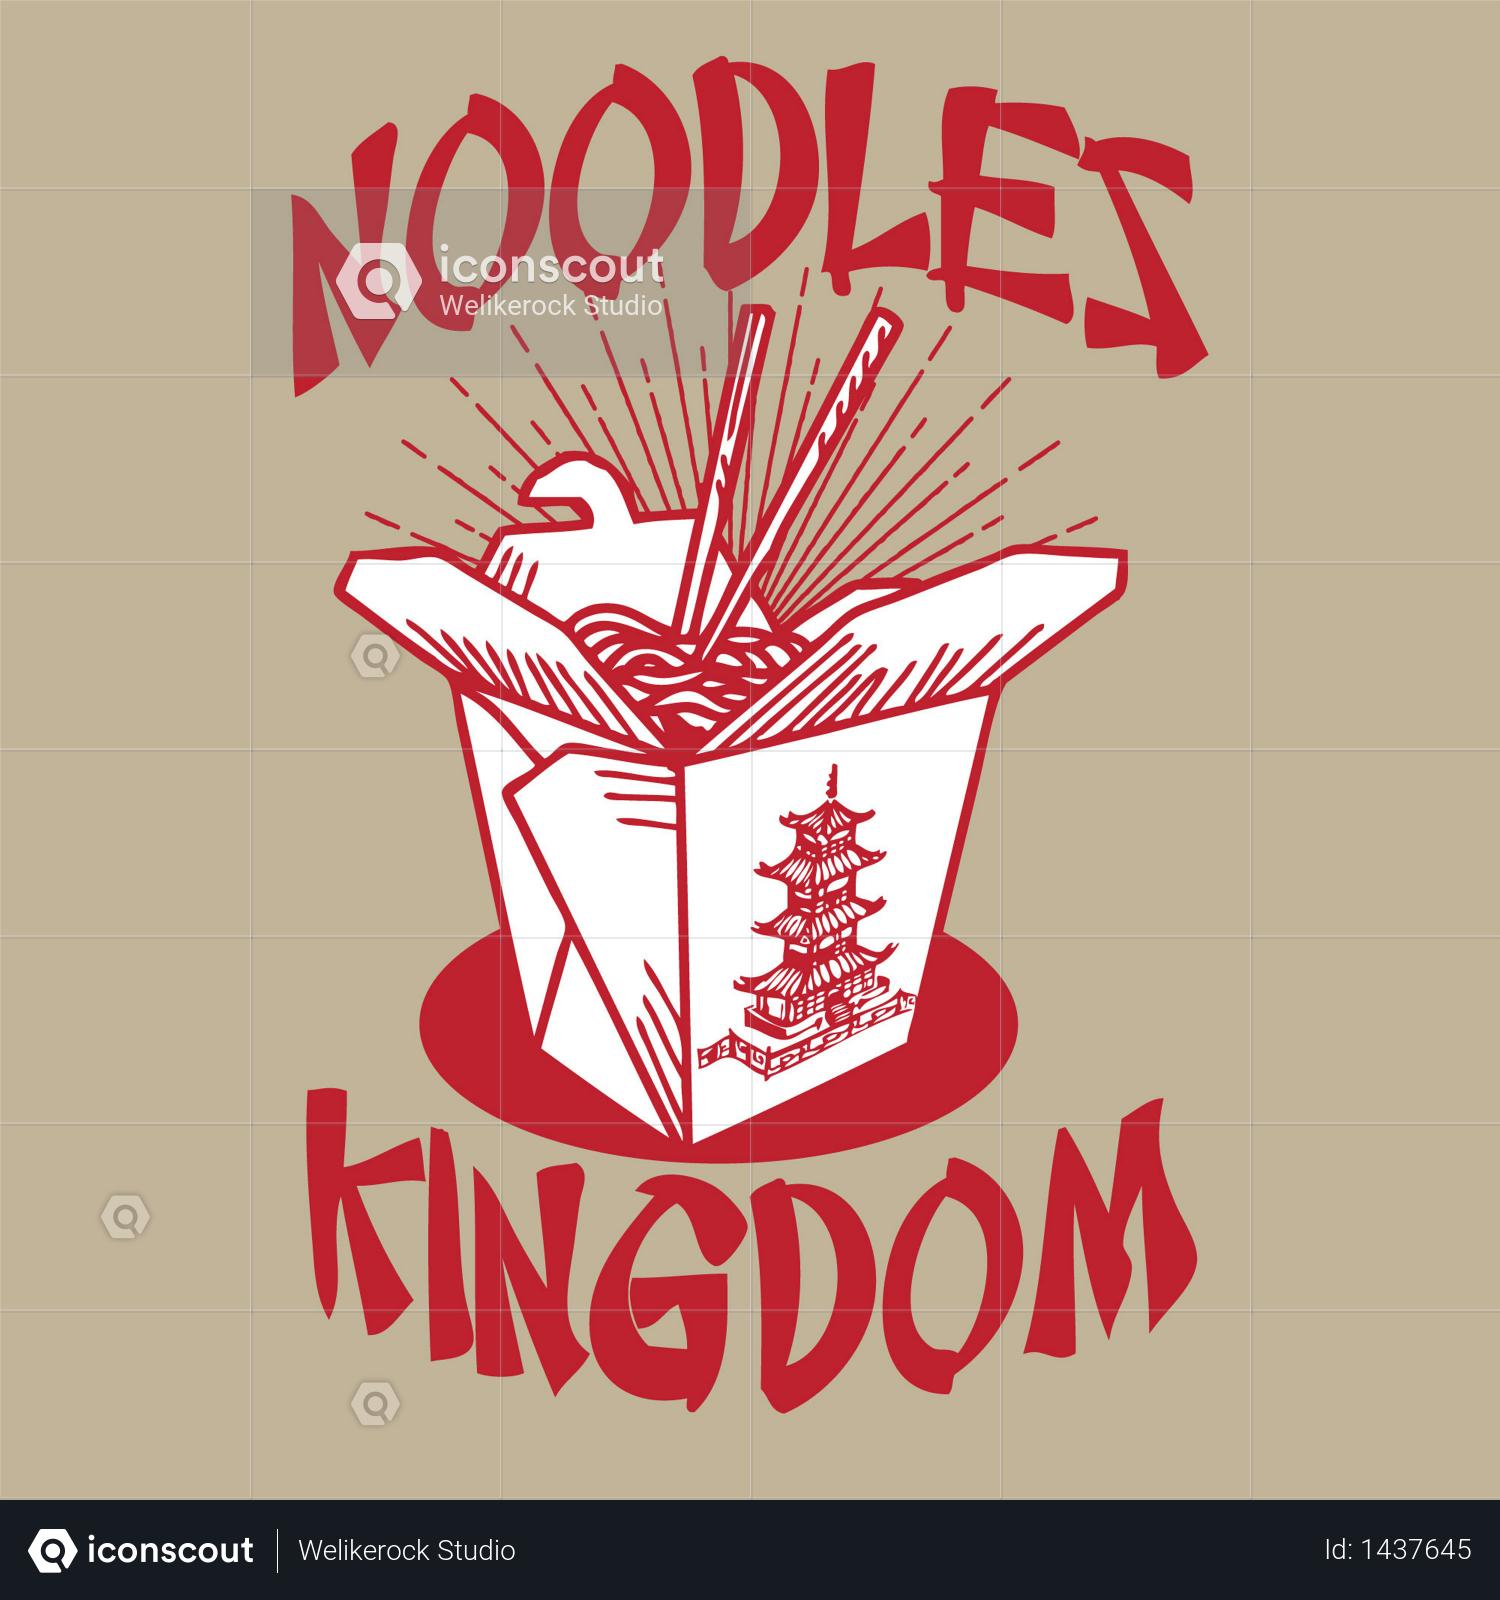 Premium Noodles Kingdom Illustration download in PNG